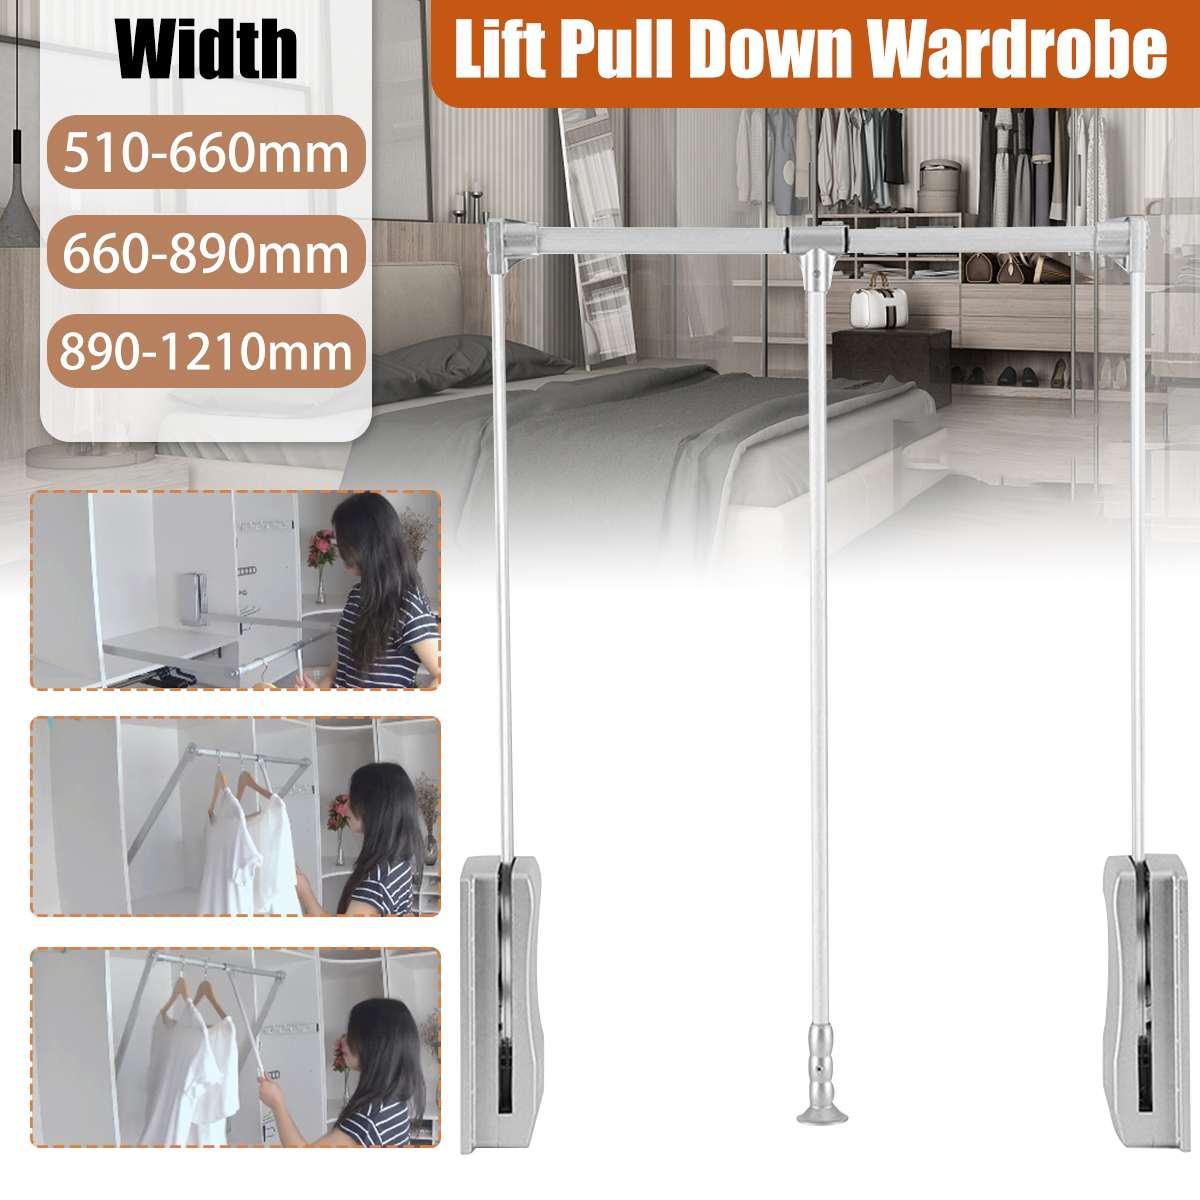 Регулируемый держатель шкафа для подъема/вытягивания, мягкая направляющая, экономия места при возврате, нагрузка 30 кг, 3 размера